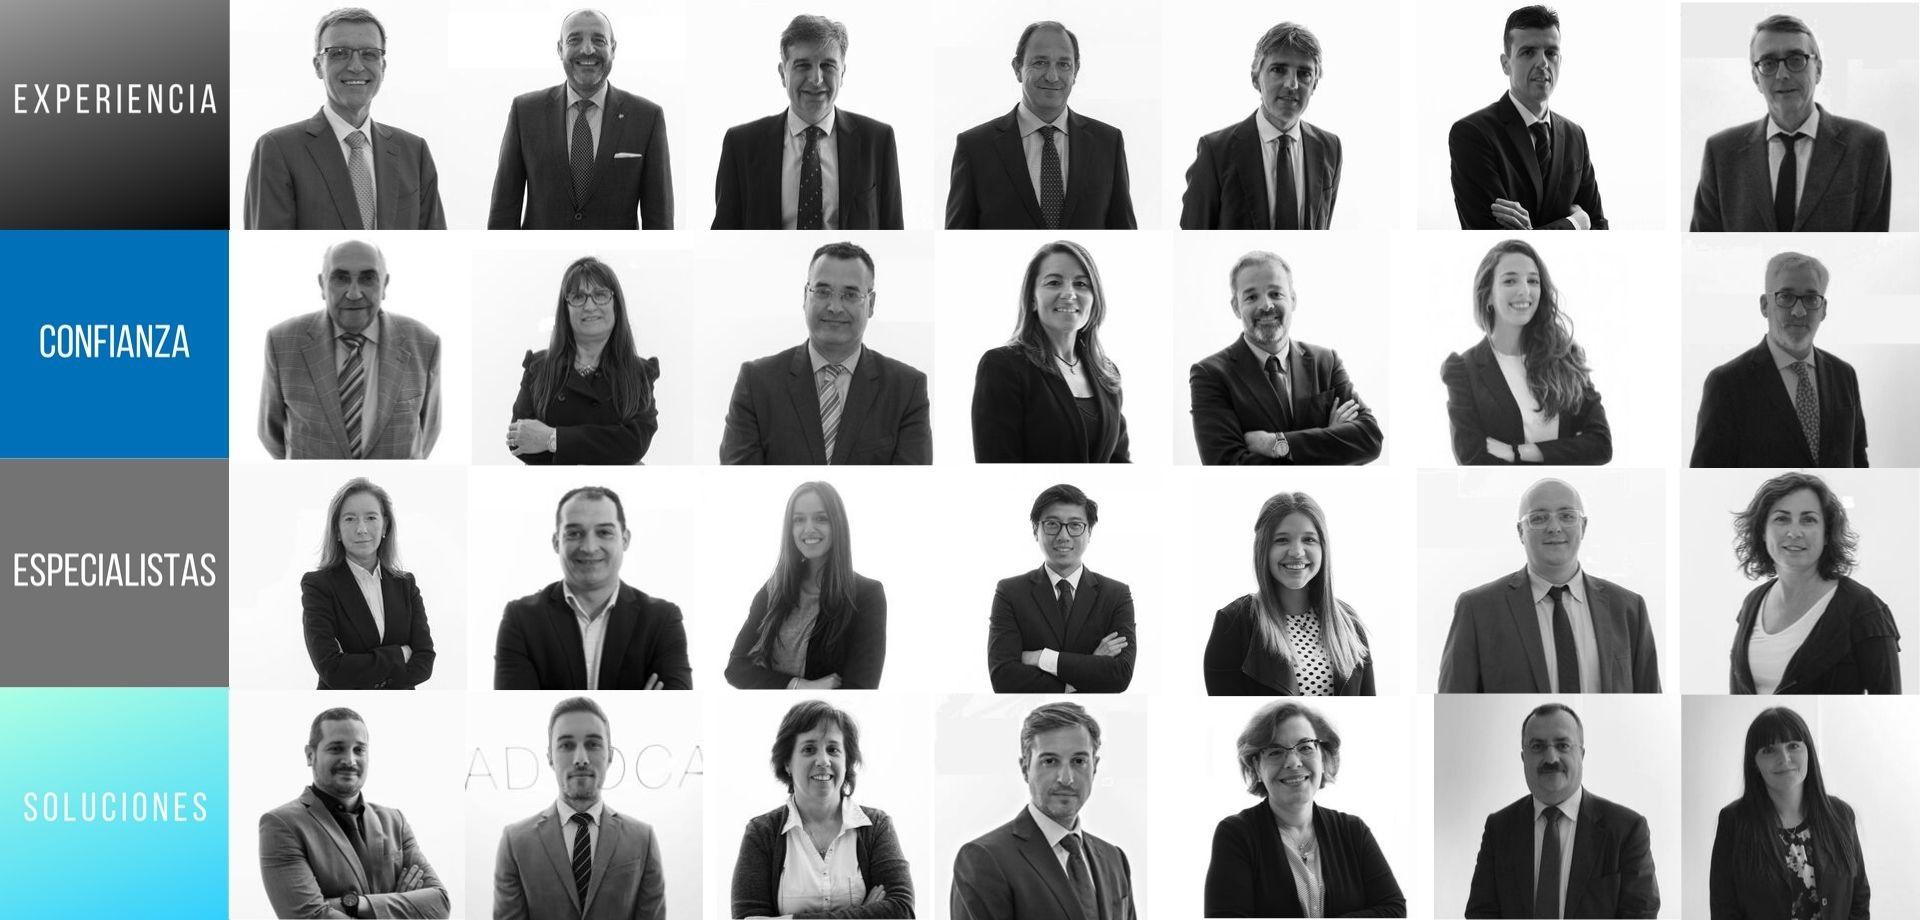 bufete-abogados-barcelona-madrid